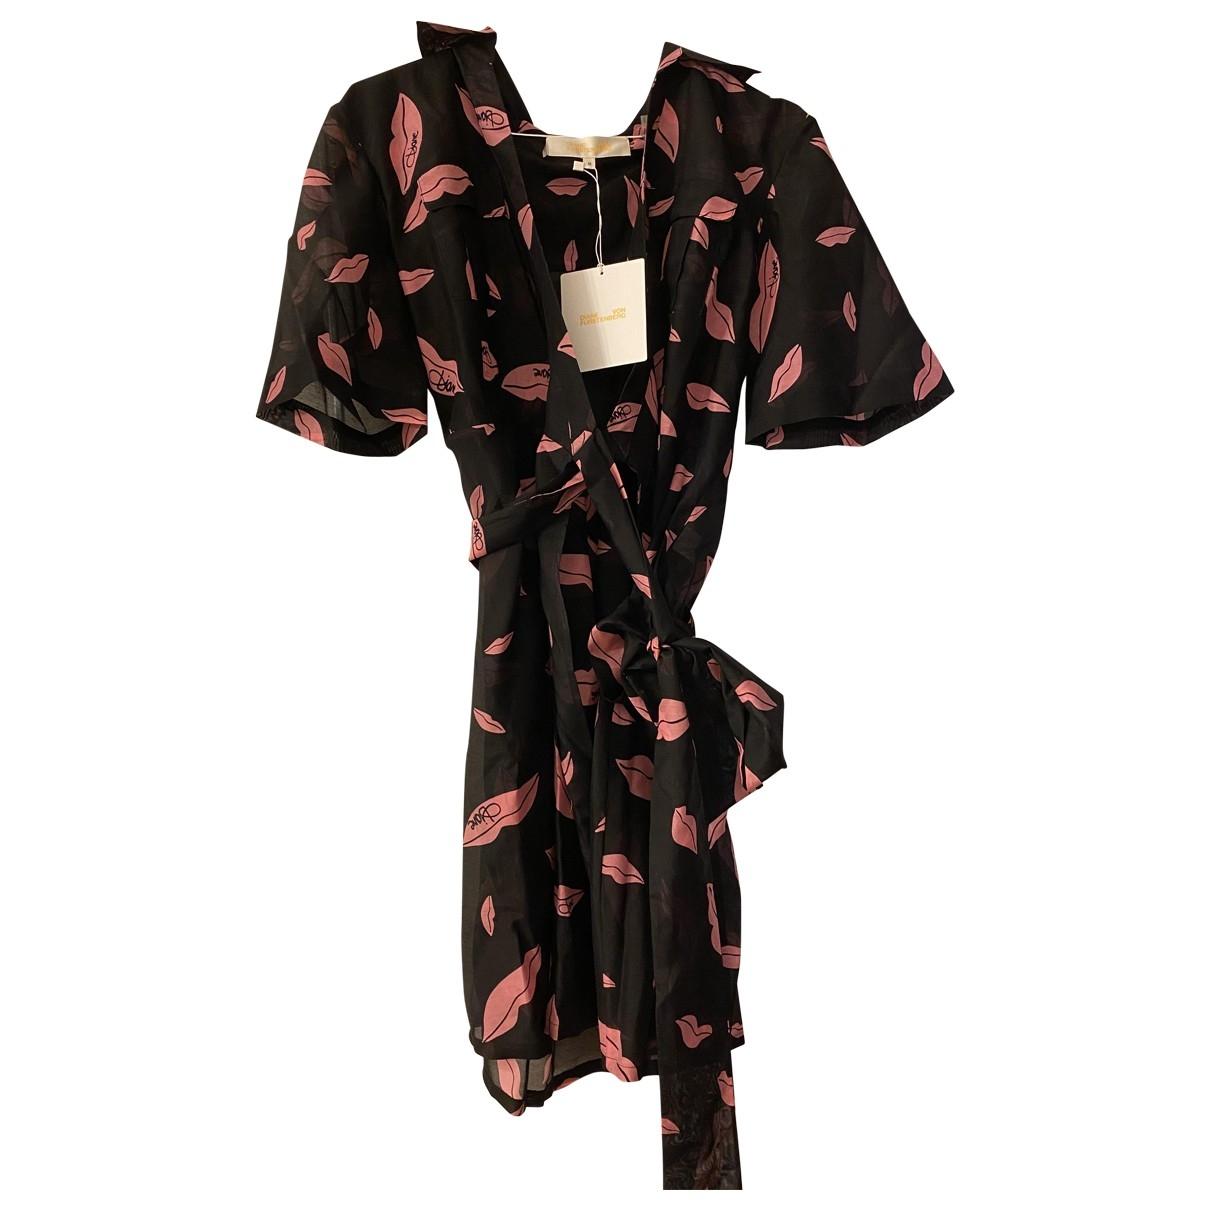 Diane Von Furstenberg \N Pink Cotton dress for Women M International